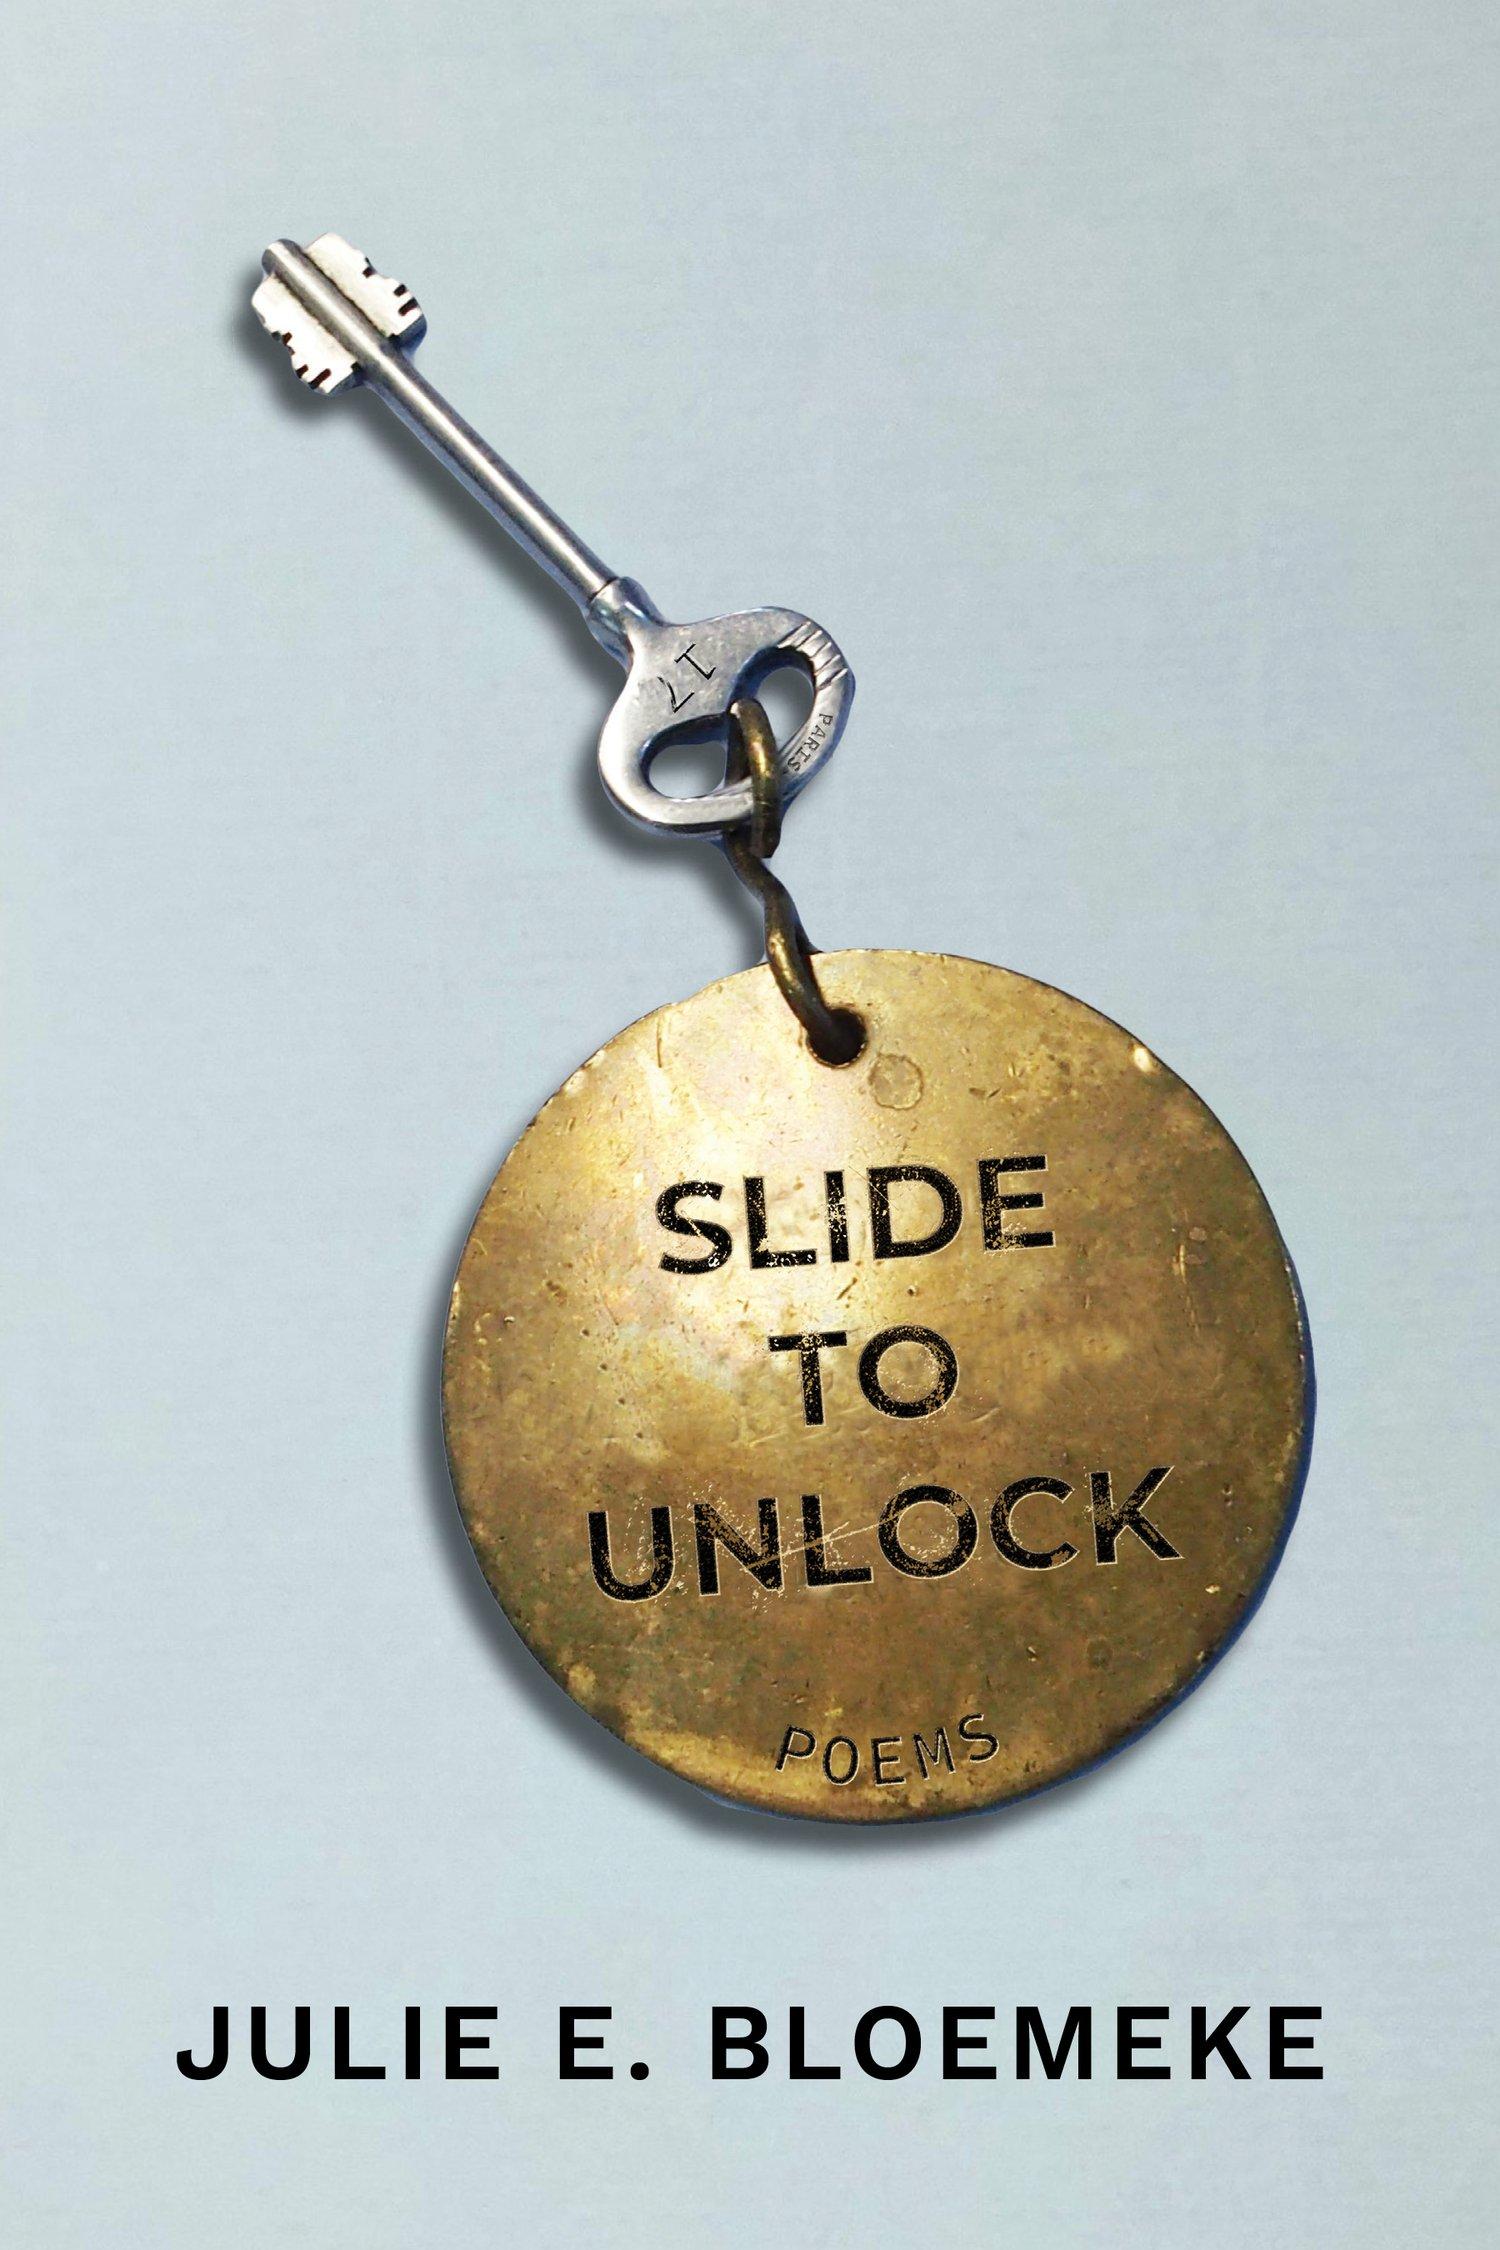 Image of Slide to Unlock by Julie E. Bloemeke